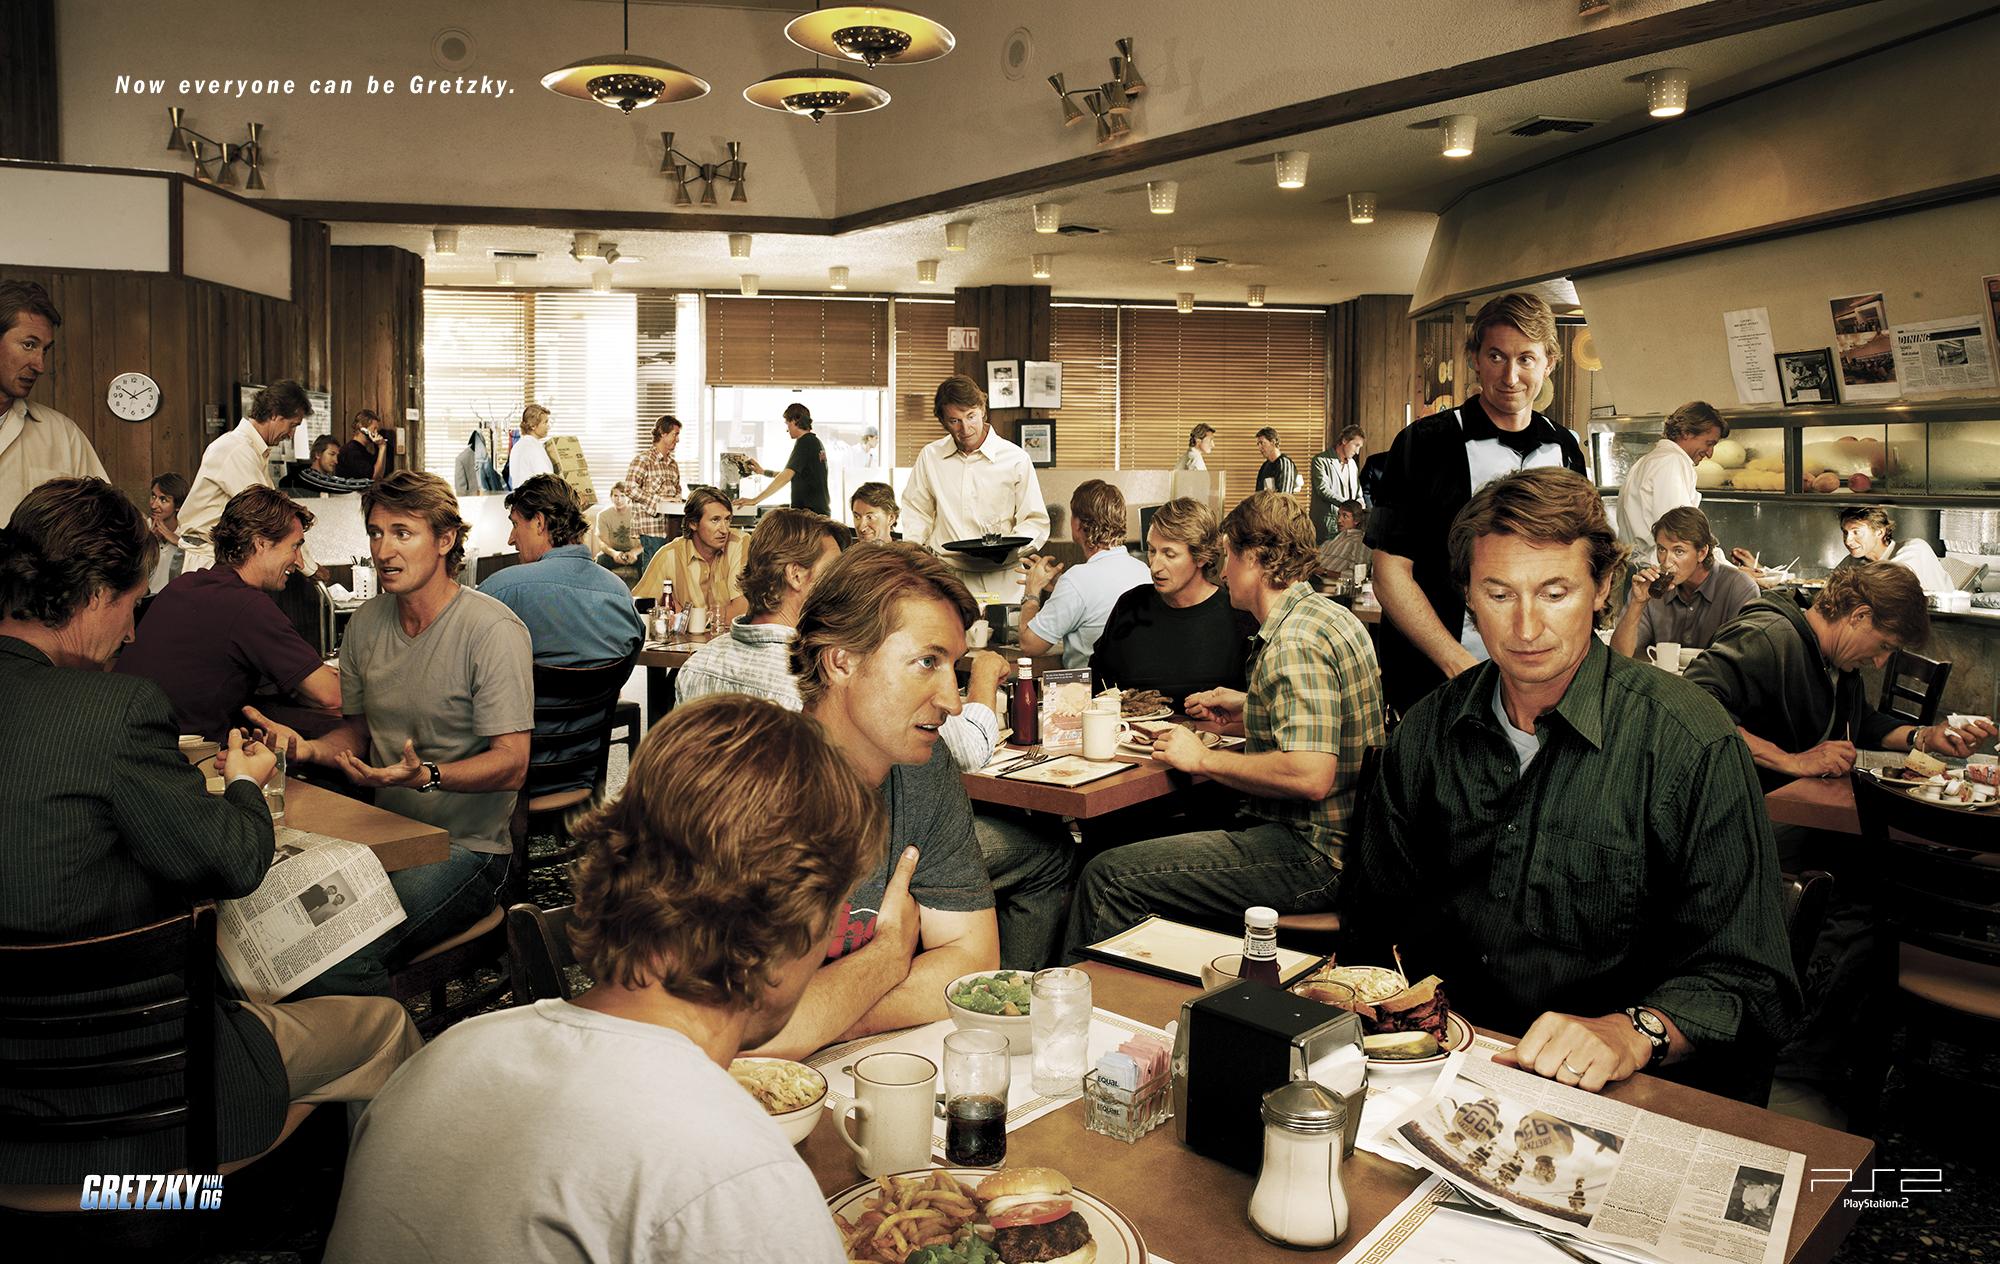 GretzkyIRGB flatLogoretouchcoul.jpg